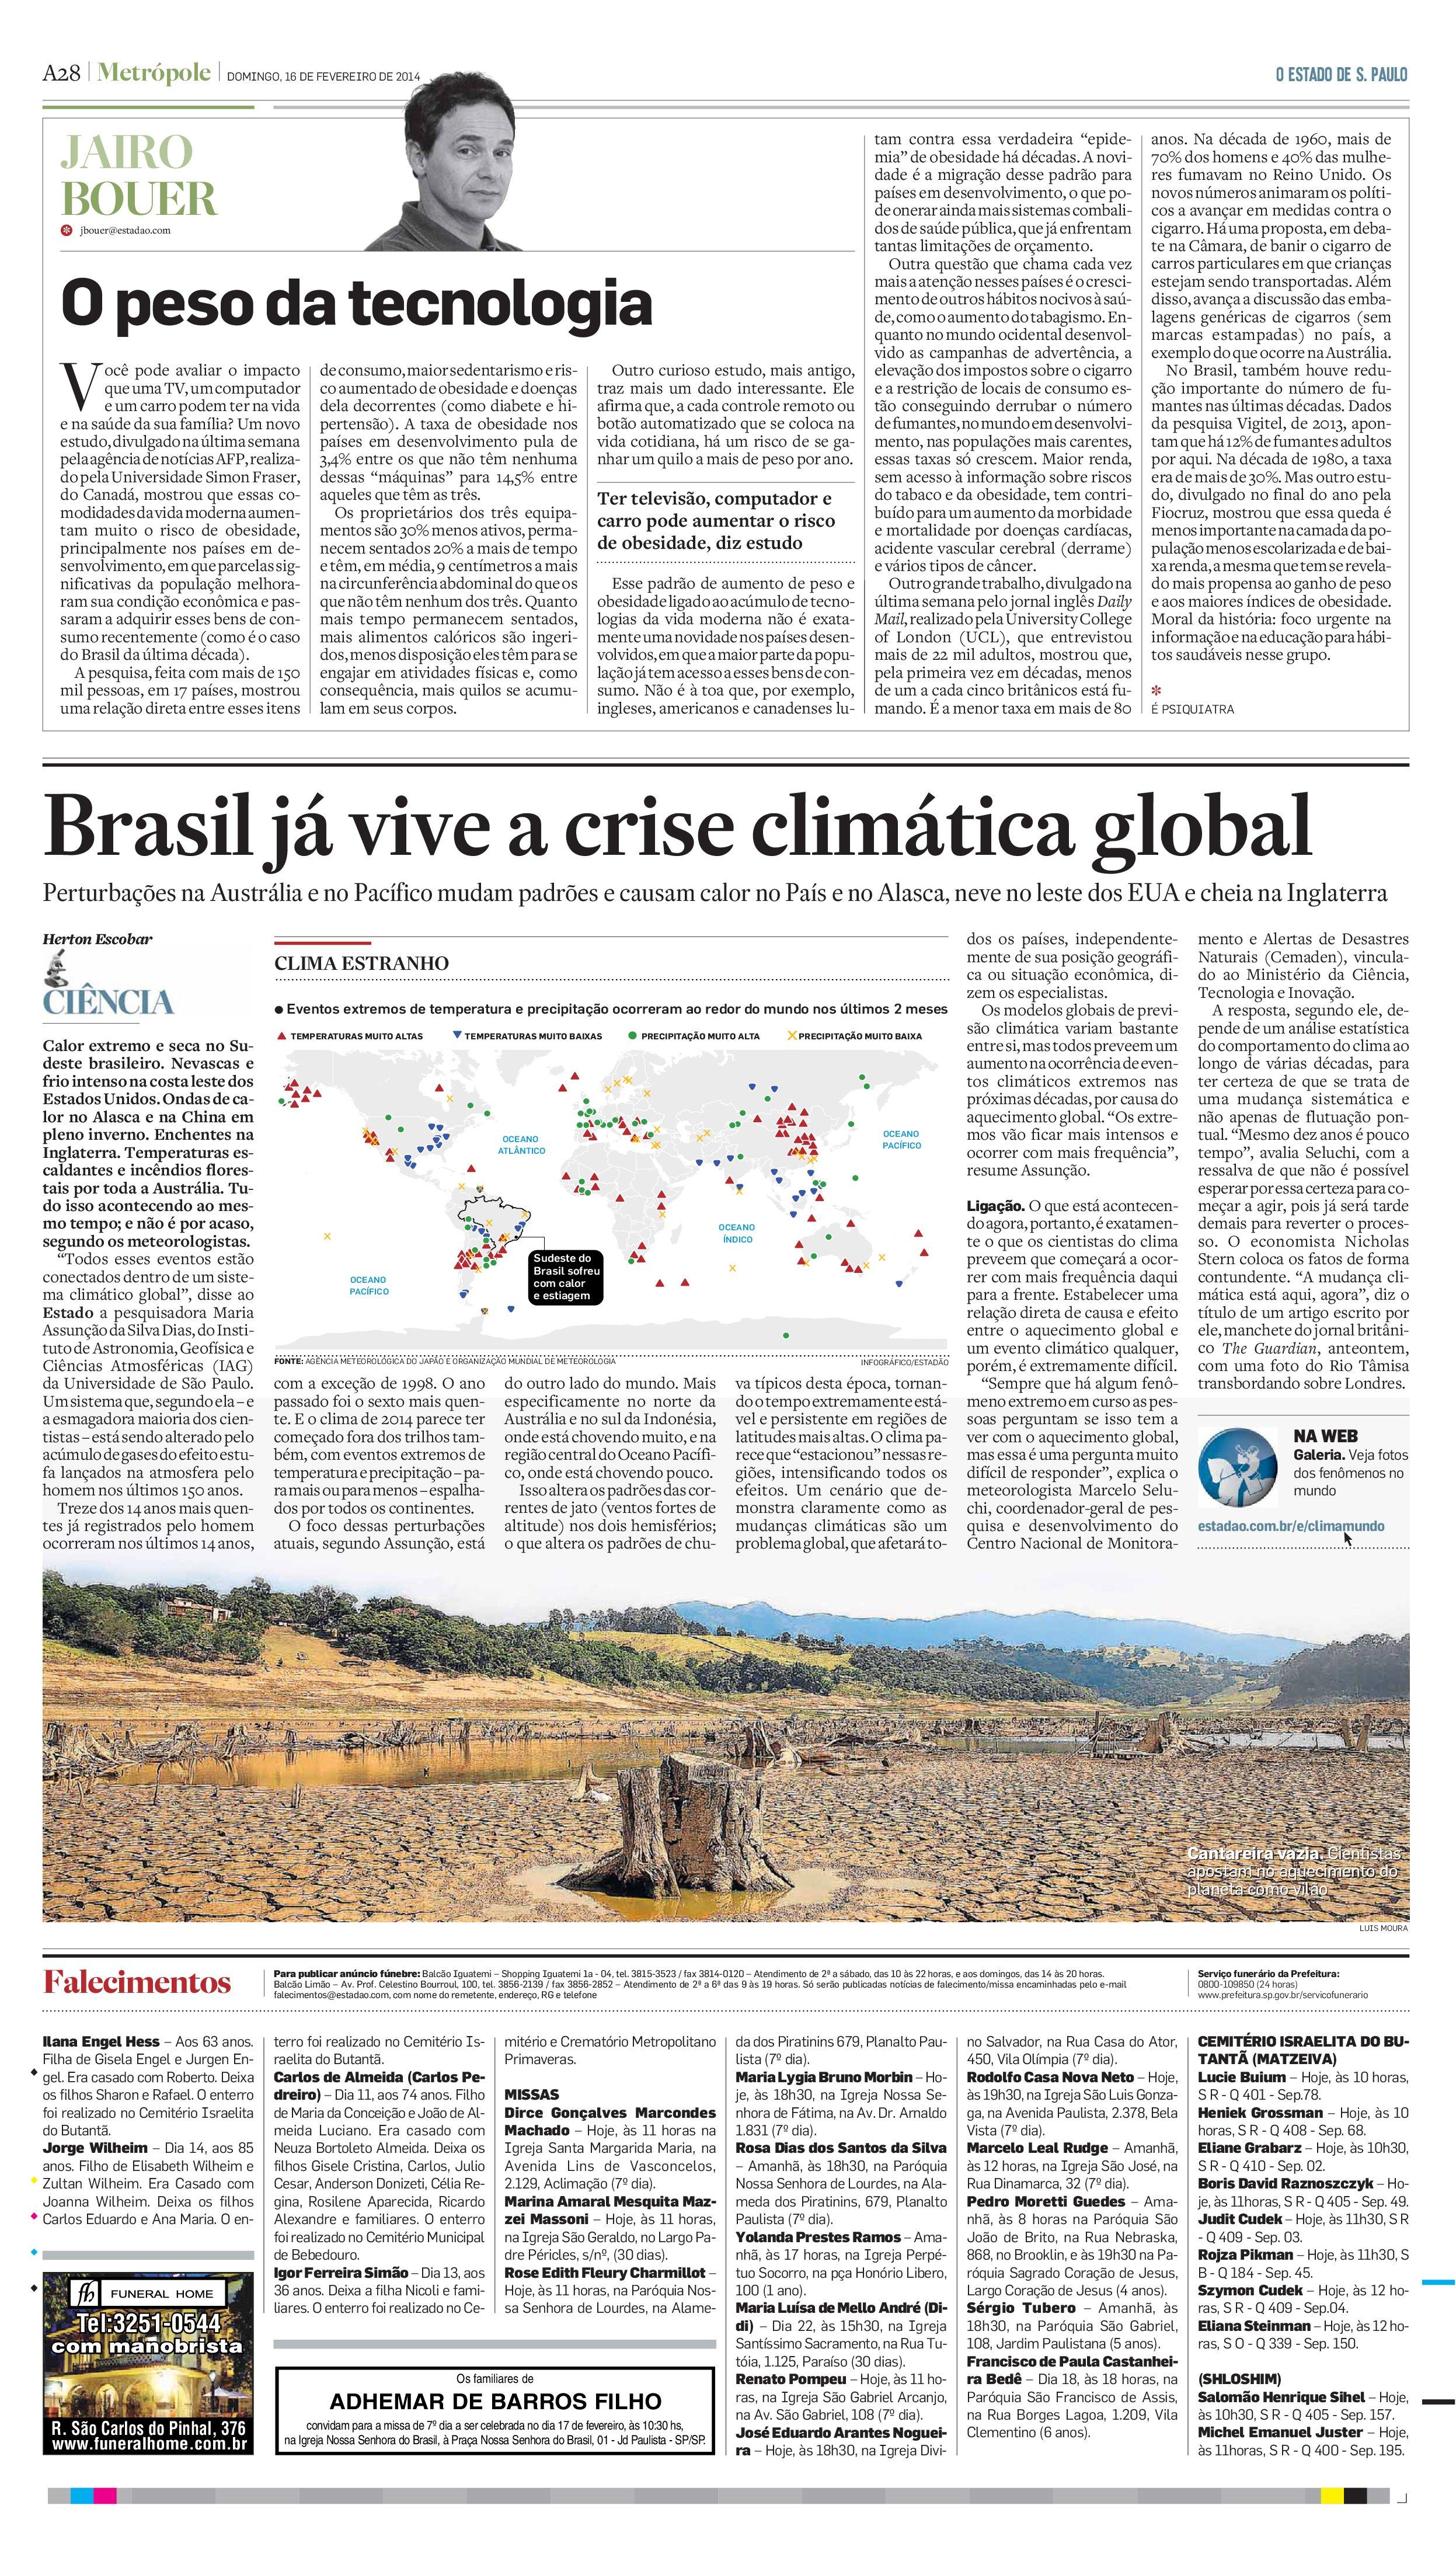 Brasil já vive crise climática